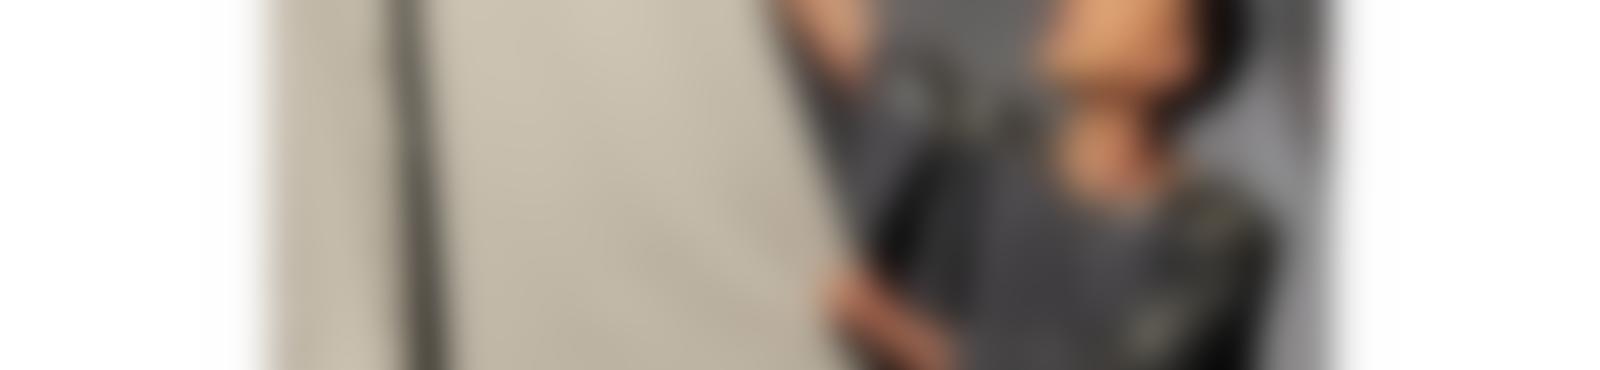 Blurred 15ebfc82 6d05 40f8 9c06 b3c5e3dce14f